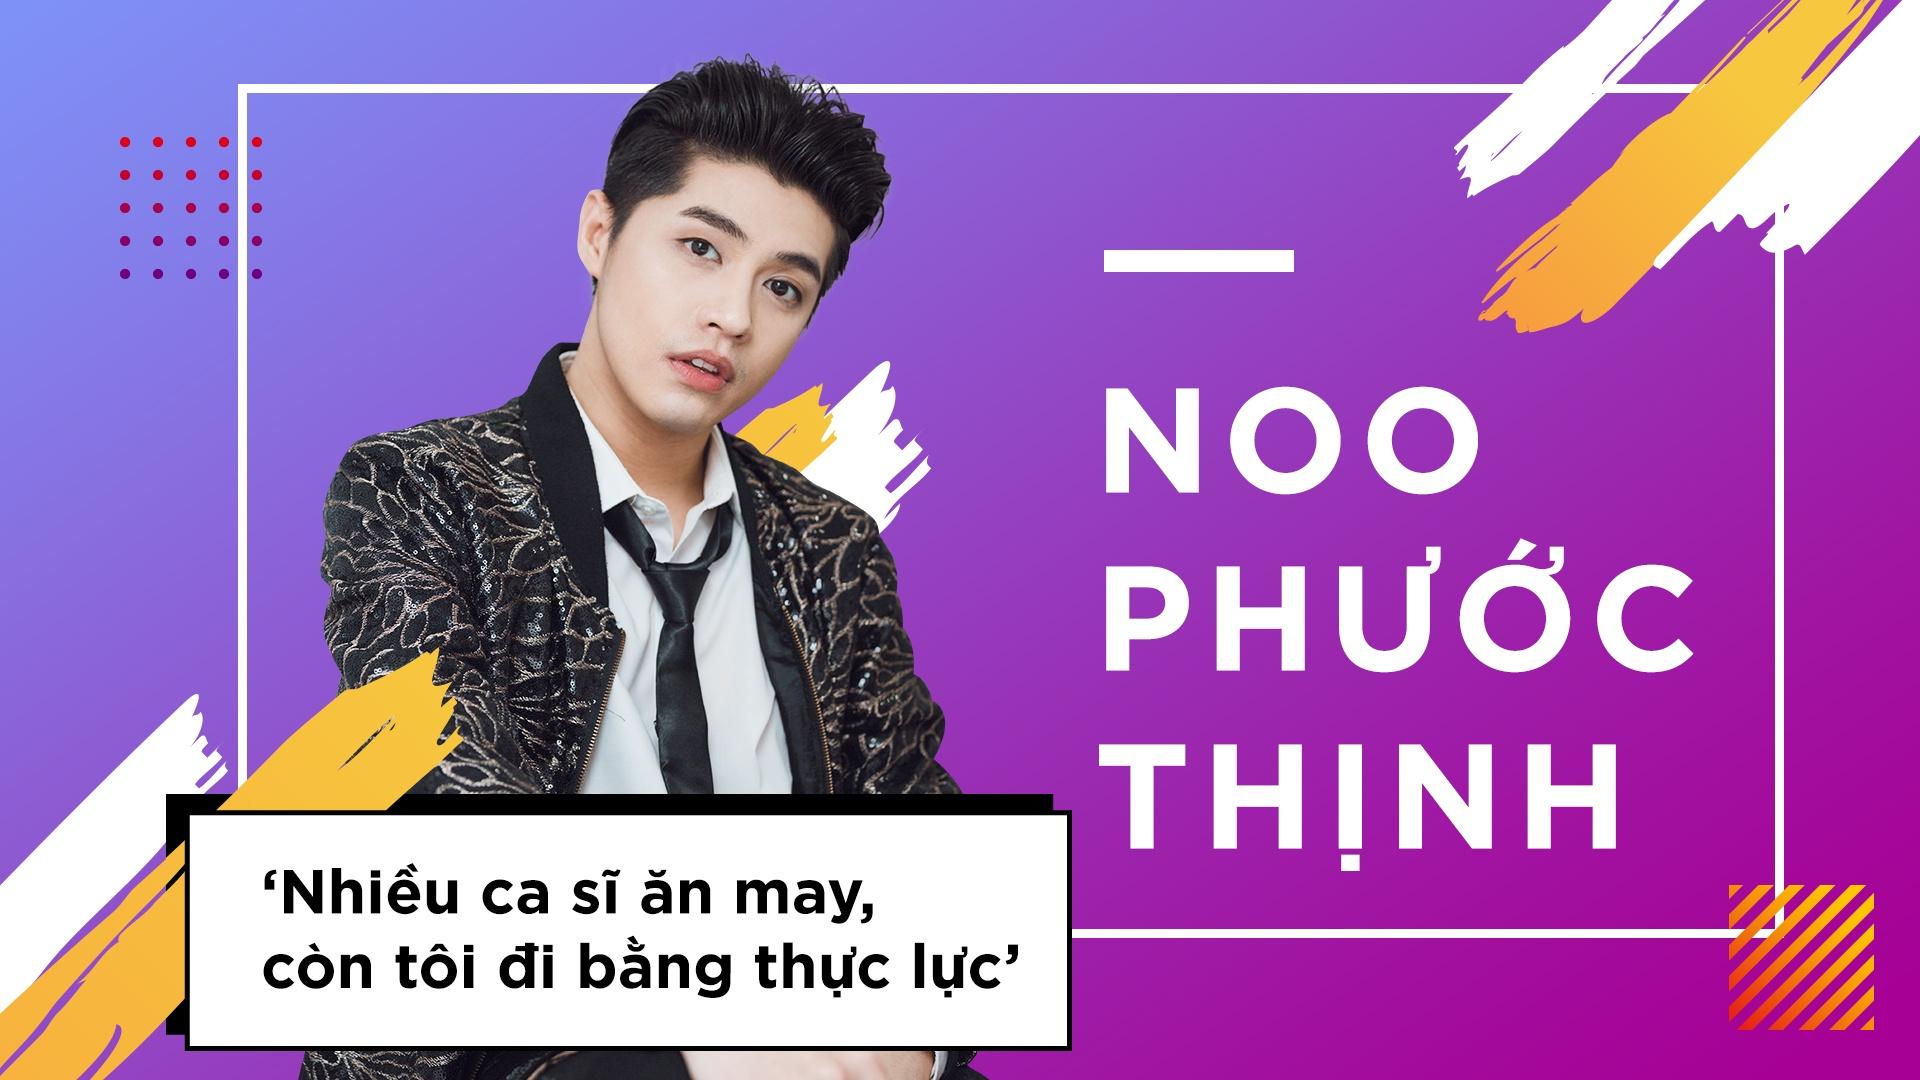 Noo Phuoc Thinh: 'Nhieu ca si an may, con toi di bang thuc luc' hinh anh 2